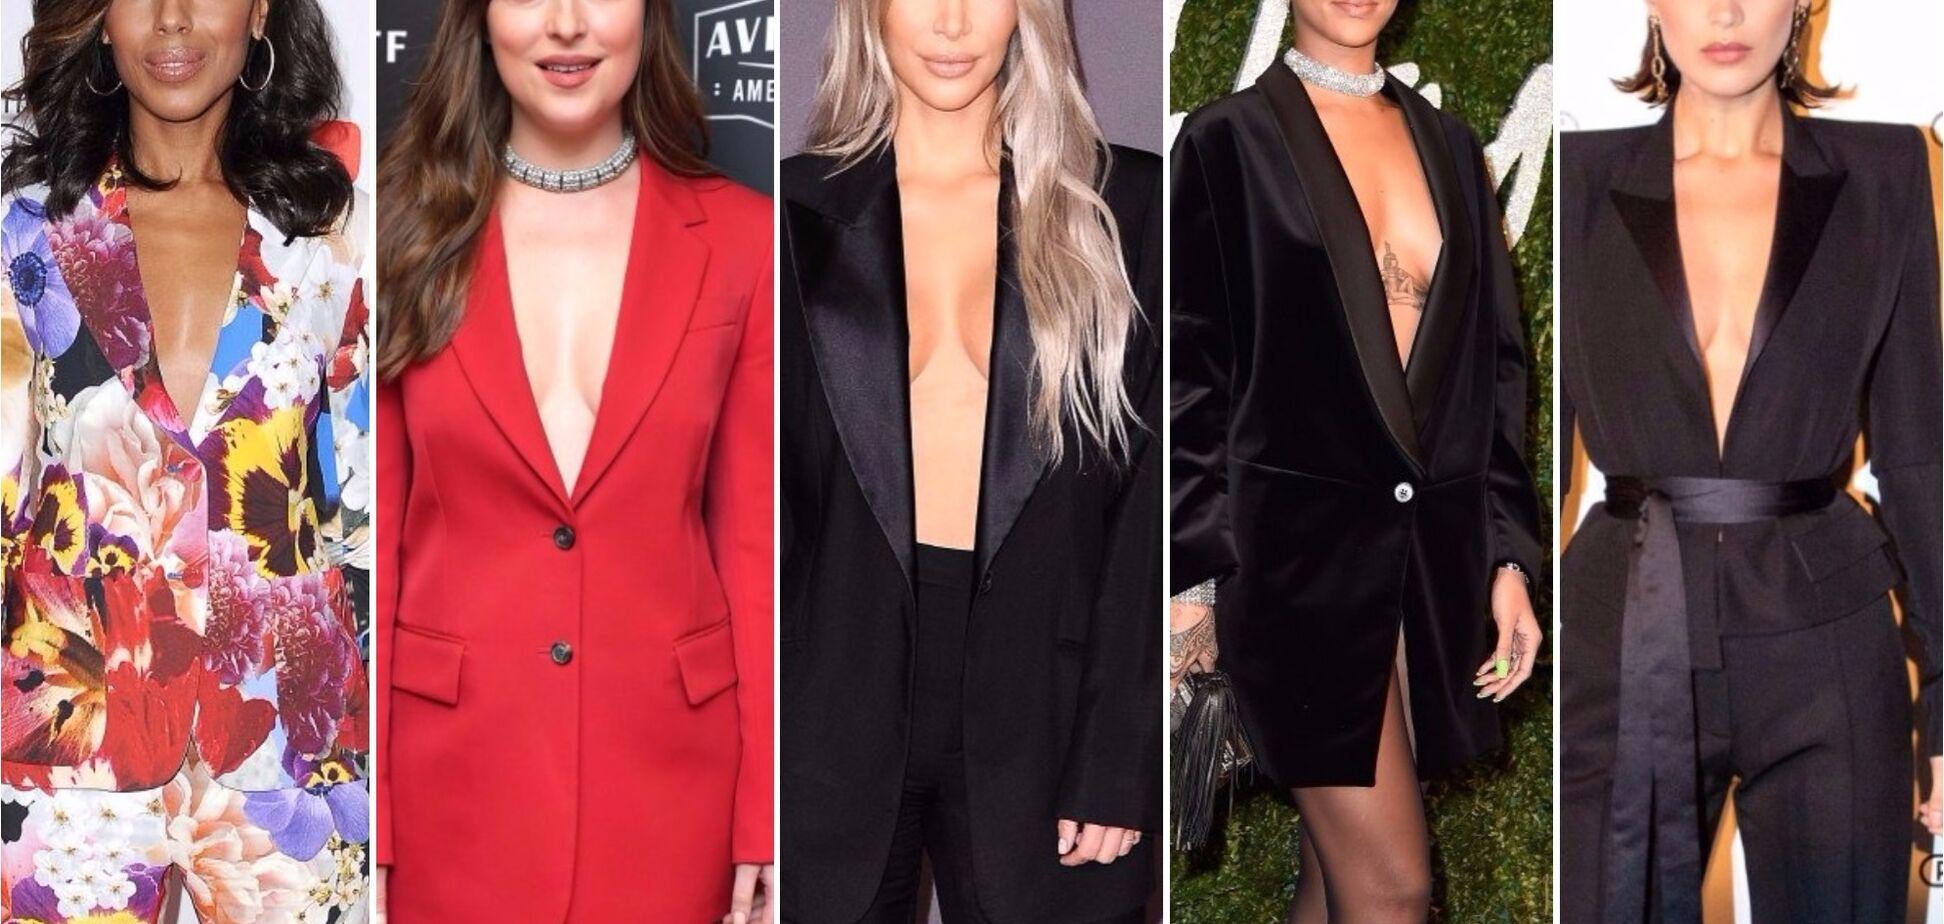 Пиджак на голое тело: топ-5 знаменитостей, блеснувших бюстом